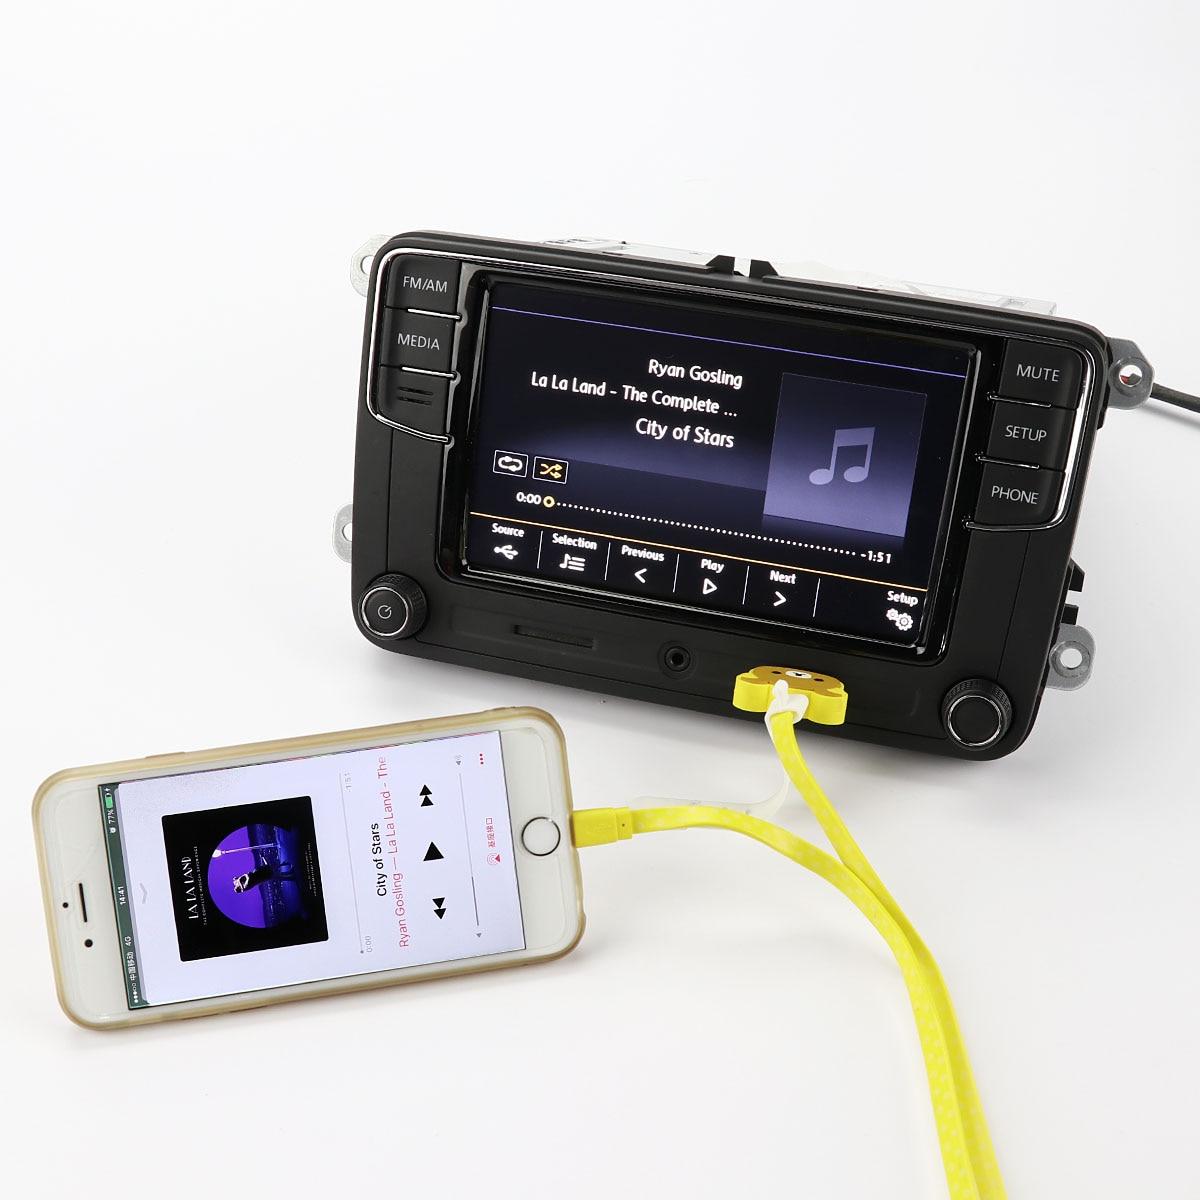 OEM 6.5'' MIB RCD330 Car Radio Bluetooth For VW GOLF Jetta Passat 6RD 035 187 A rcd330 plus mib ui radio for golf 5 6 jetta cc tiguan passat polo